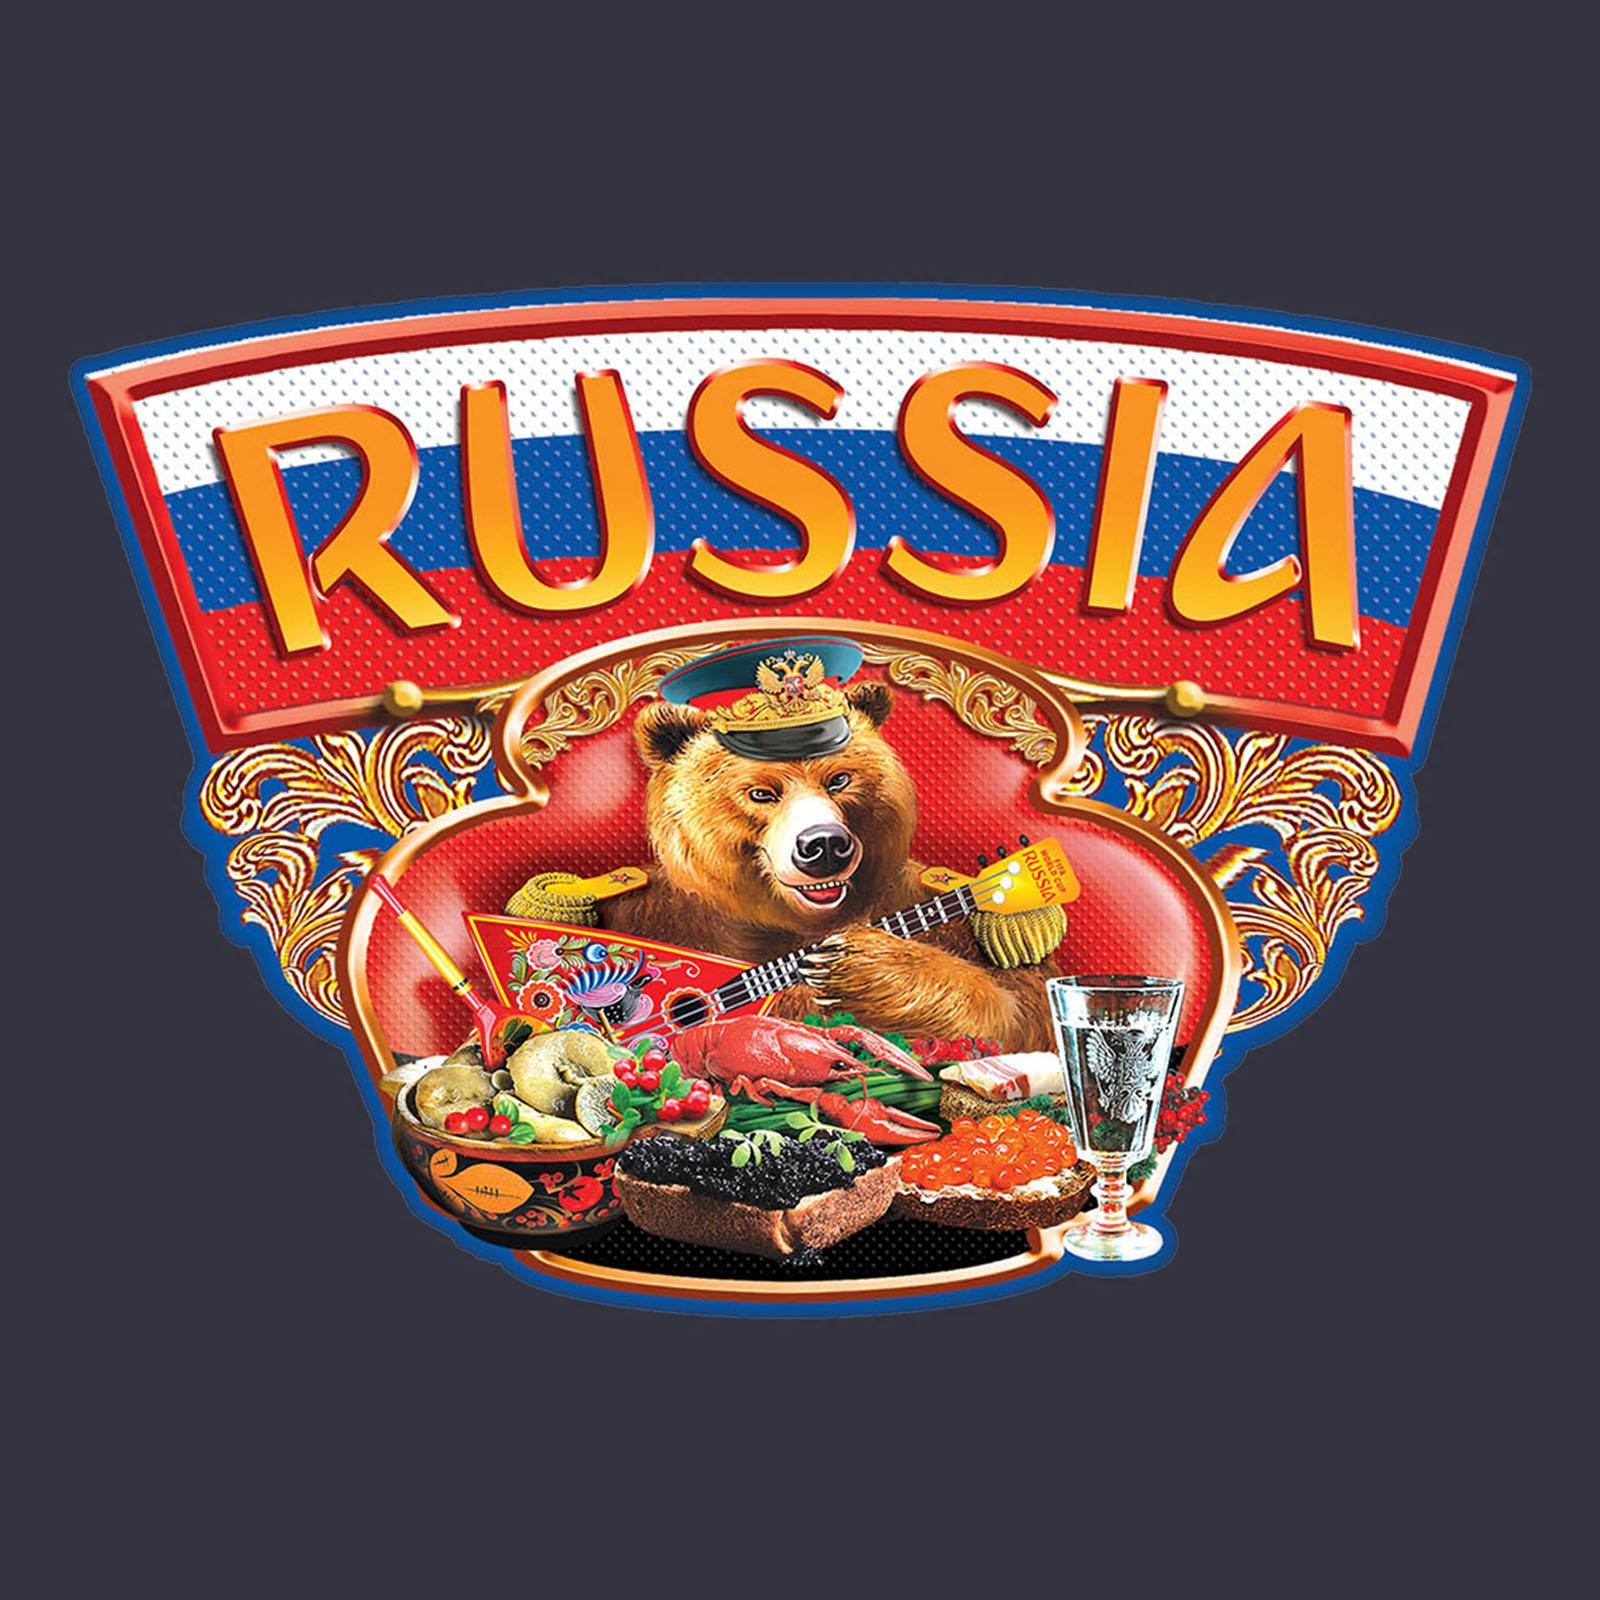 Купить летнюю темно-синюю бейсболку с термонаклейкой Russia по низкой цене